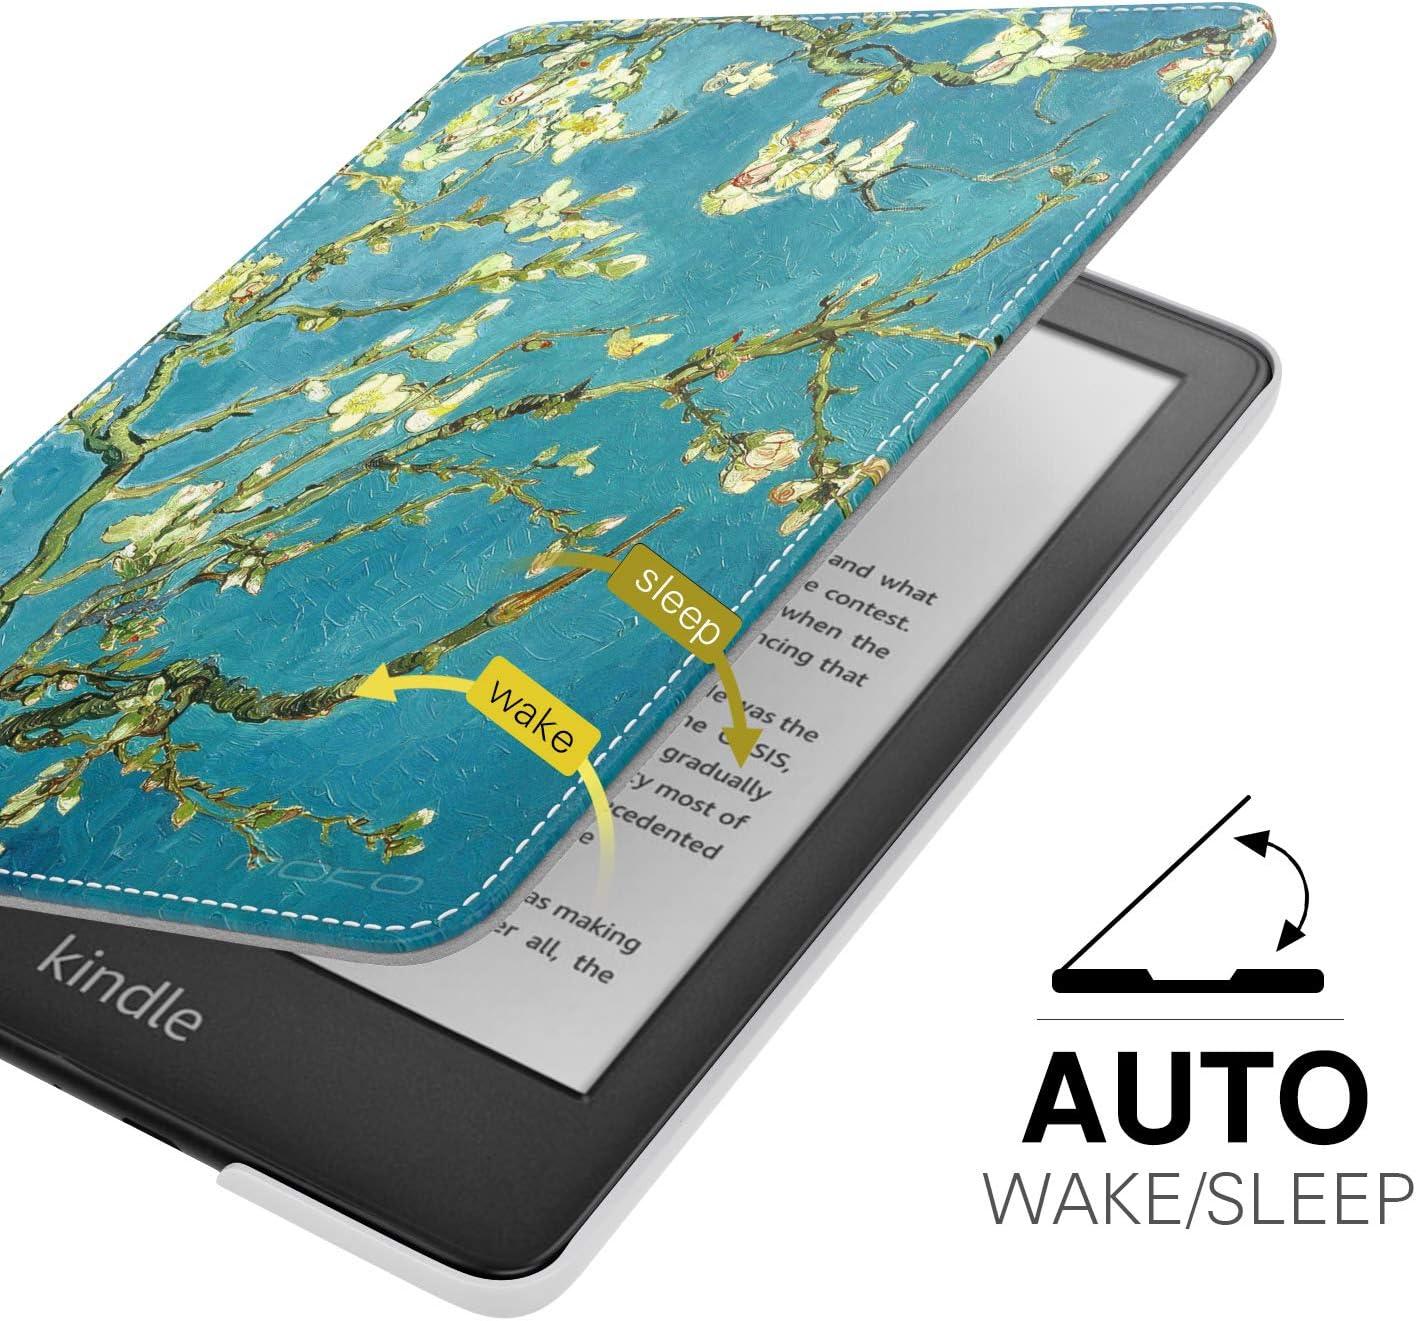 Premium Smart Cover en Cuir PU avec /Éveille//Veille Automatique Pas Compatible avec Kindle Paperwhite 10/ème g/én/ération, 2019 MoKo Coque Compatible avec Liseuse Kindle Dessin au Trait